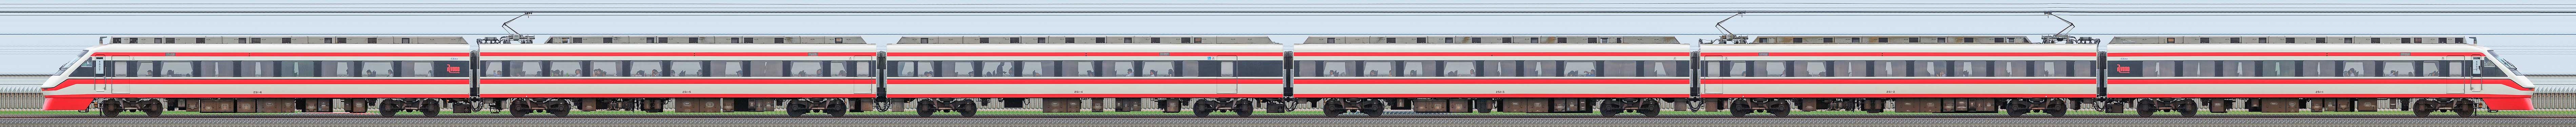 東武250型「りょうもう」251編成(山側)の編成サイドビュー